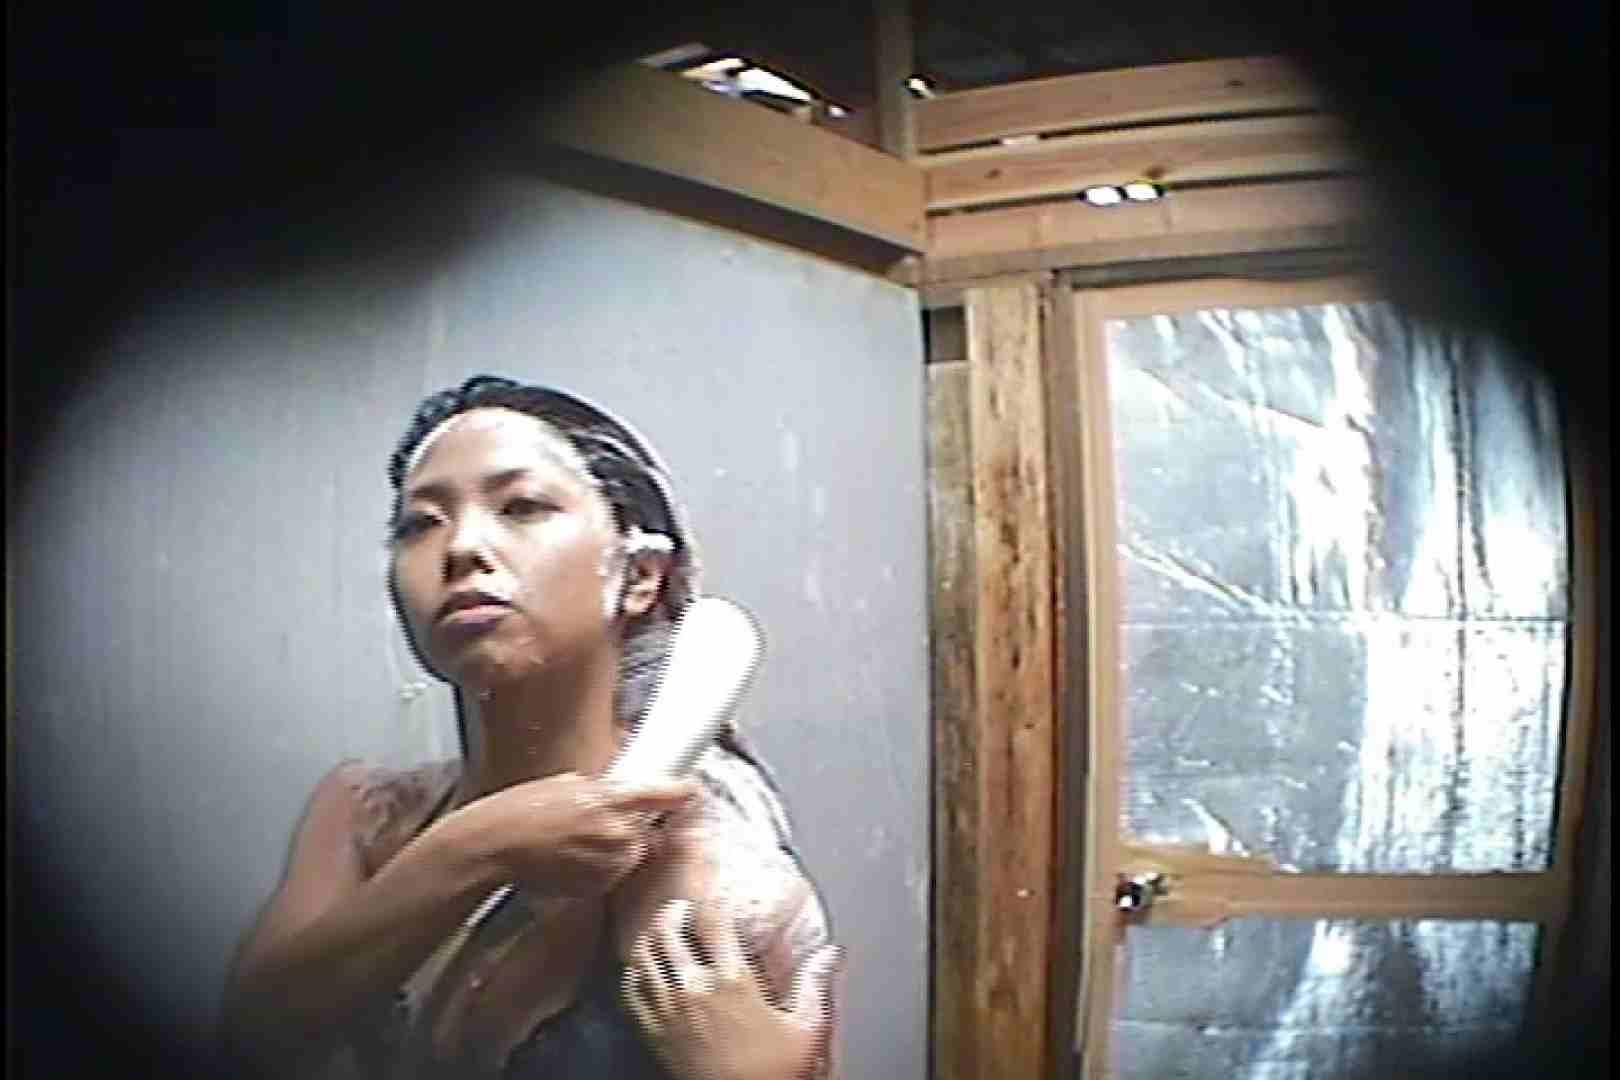 海の家の更衣室 Vol.45 美女 オマンコ無修正動画無料 78画像 34